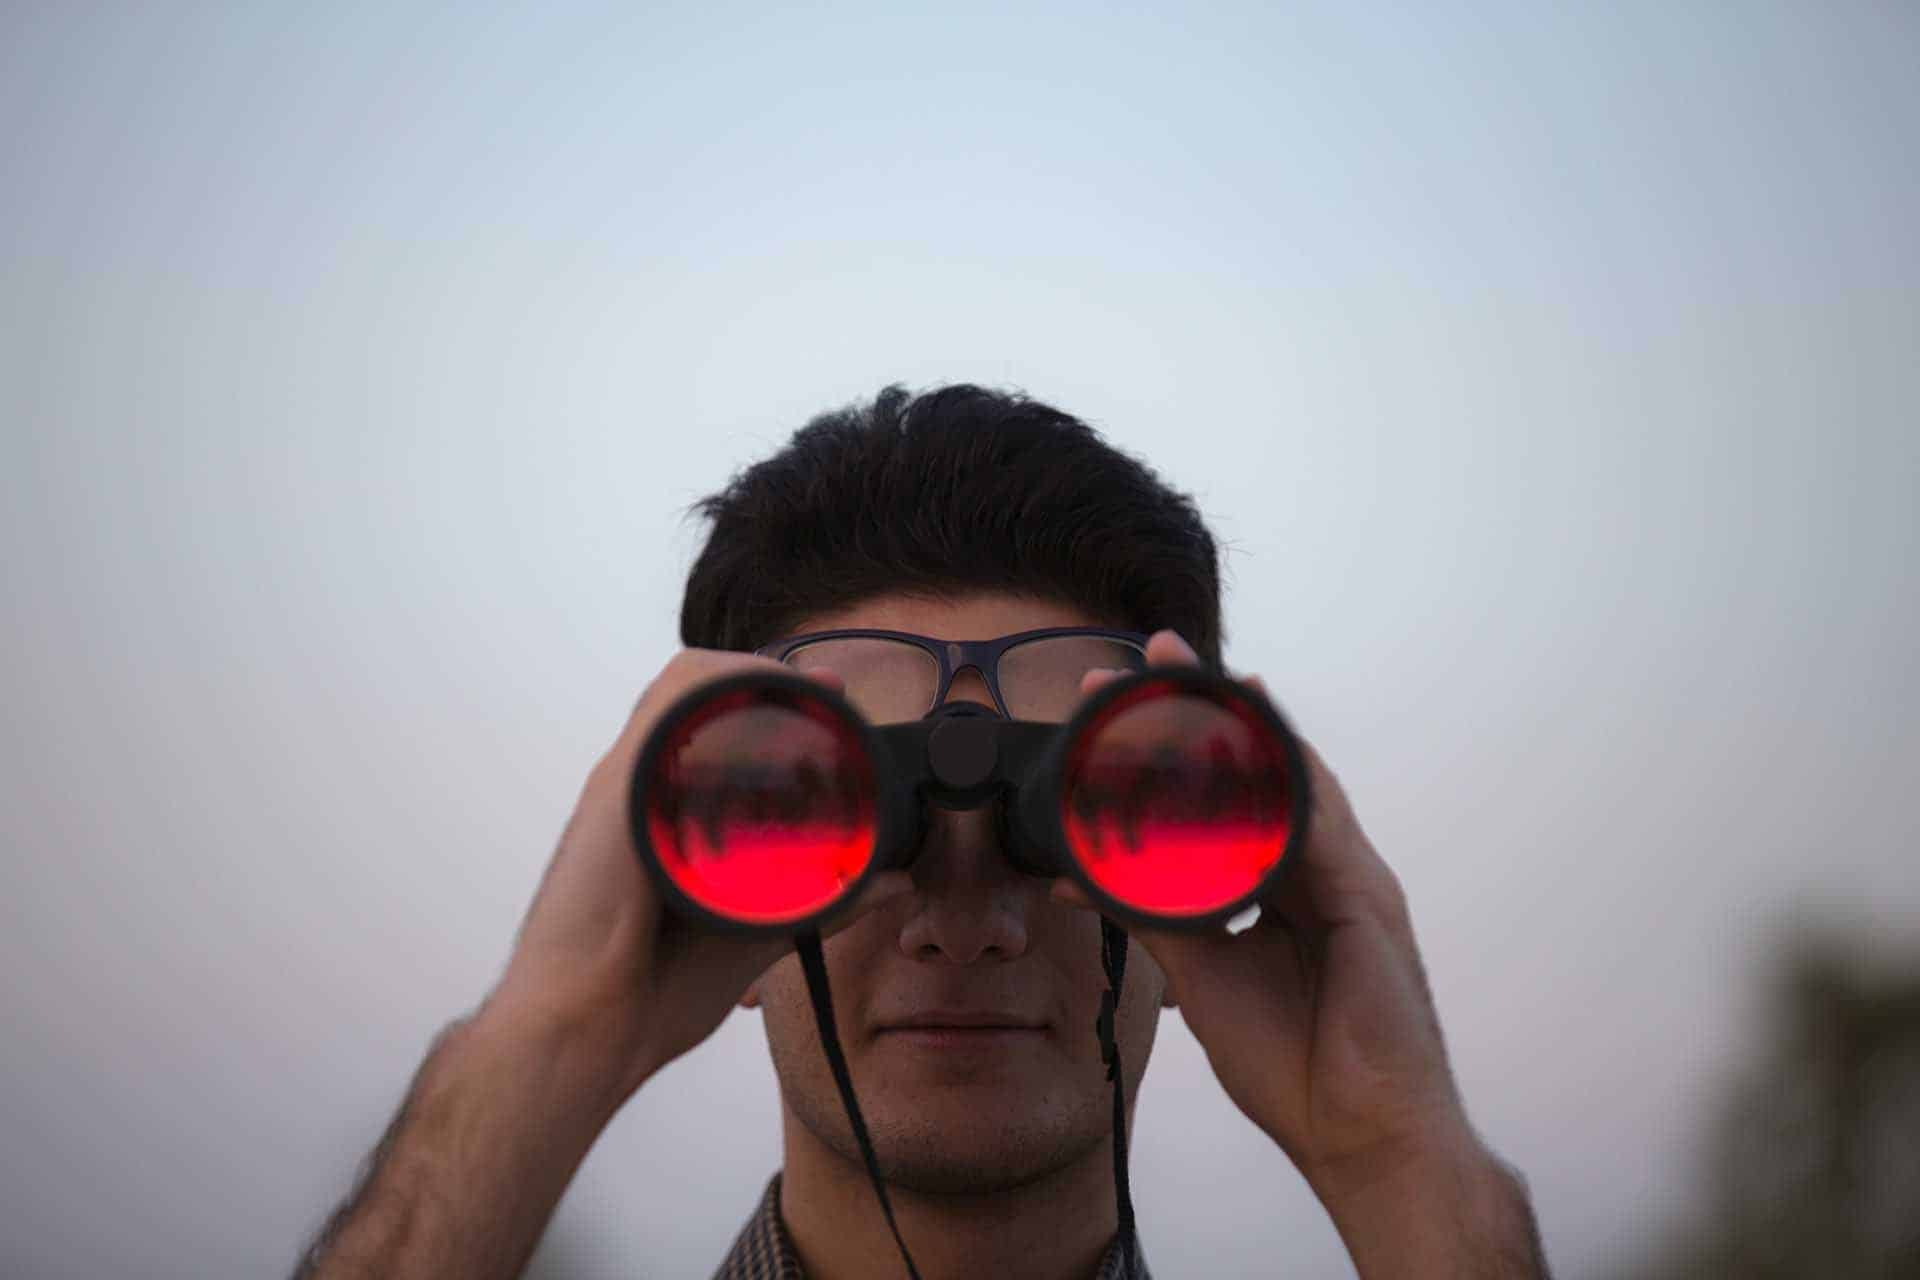 t2informatik Blog: Wer braucht schon langfristige Ziele?